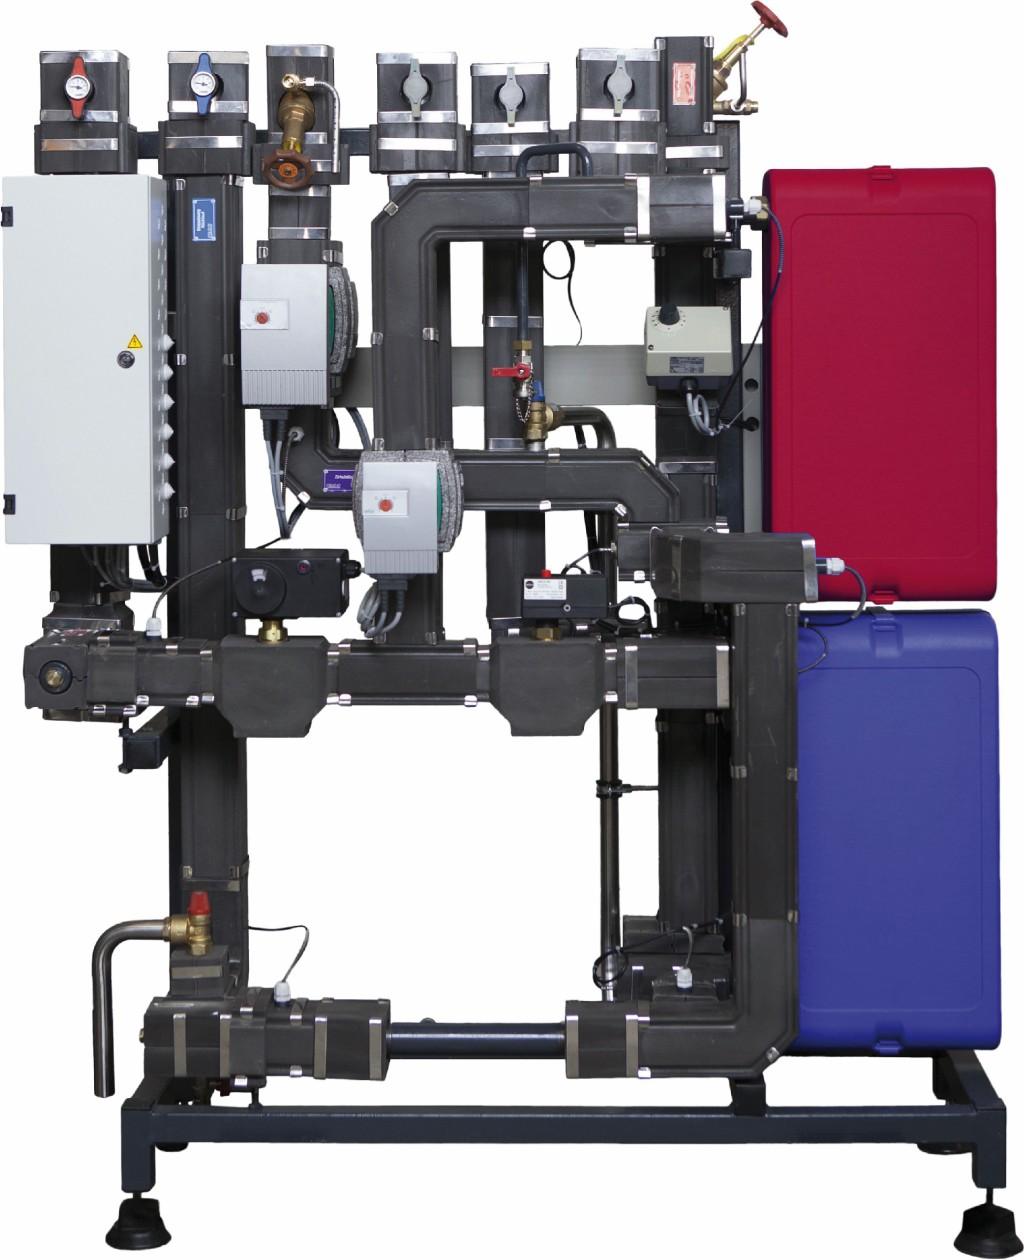 Frischwasserstation pewoAqua D LegioNo mit integrierter Regelung und Schnittstellen für Gebäudeleittechnik. Bild: Pewo